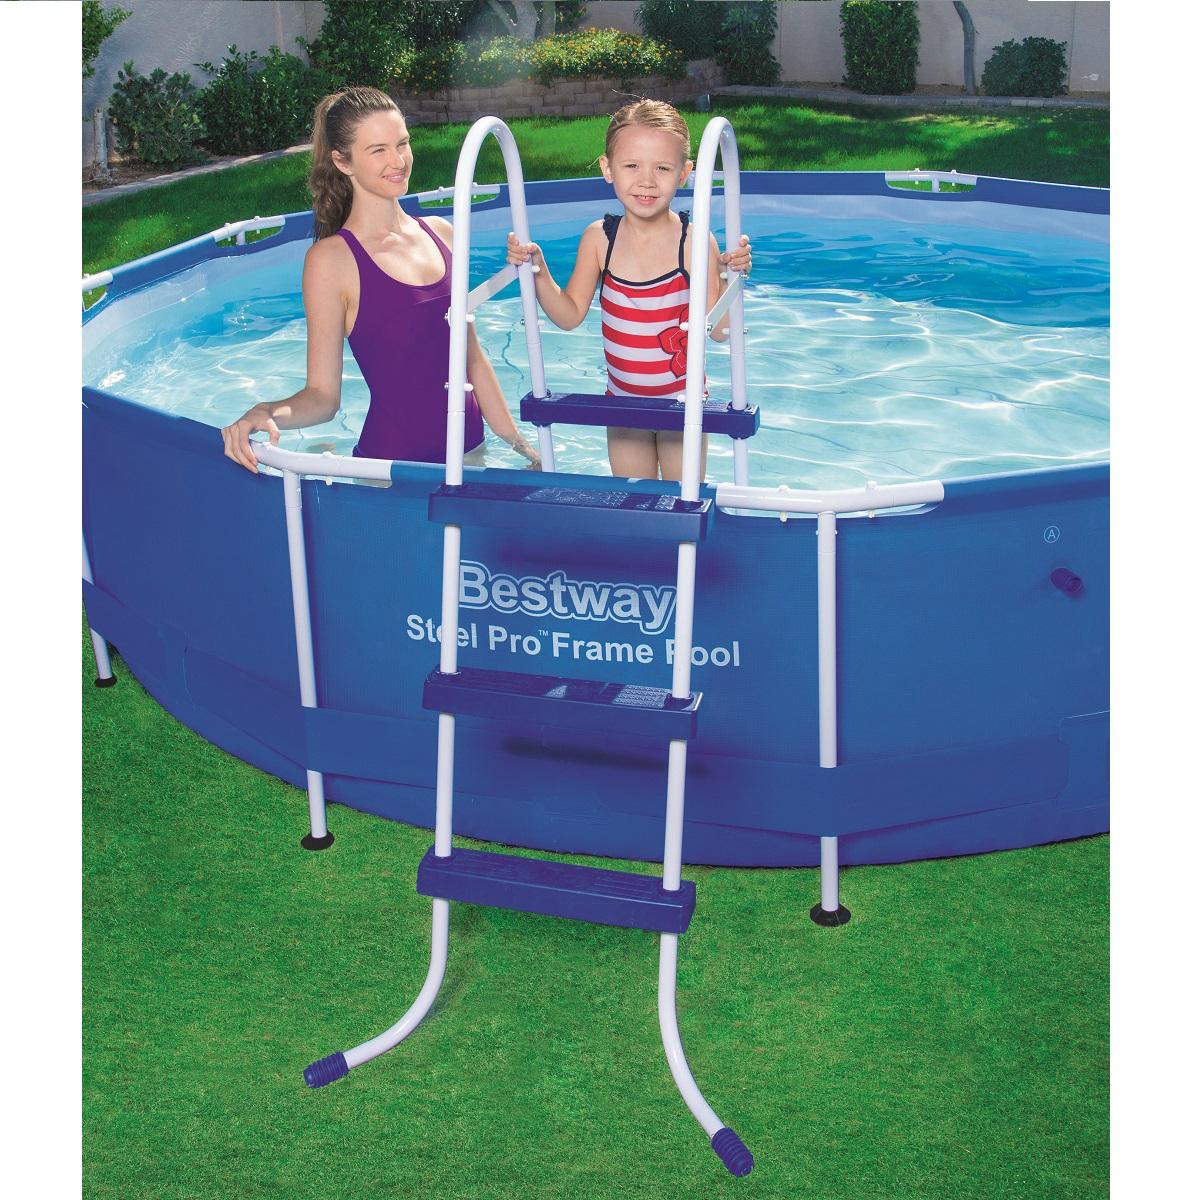 Schůdky do bazénu s výškou 91 cm